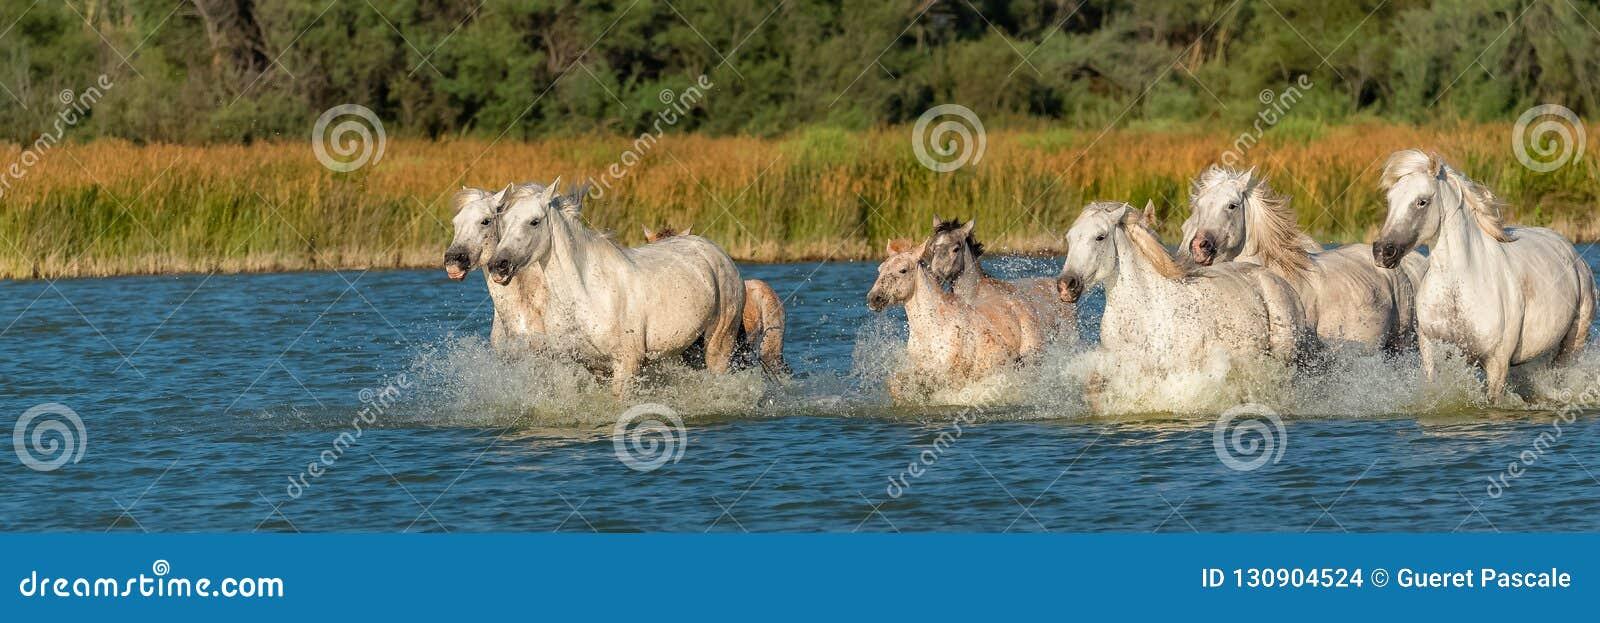 Cheval fonctionnant dans l eau